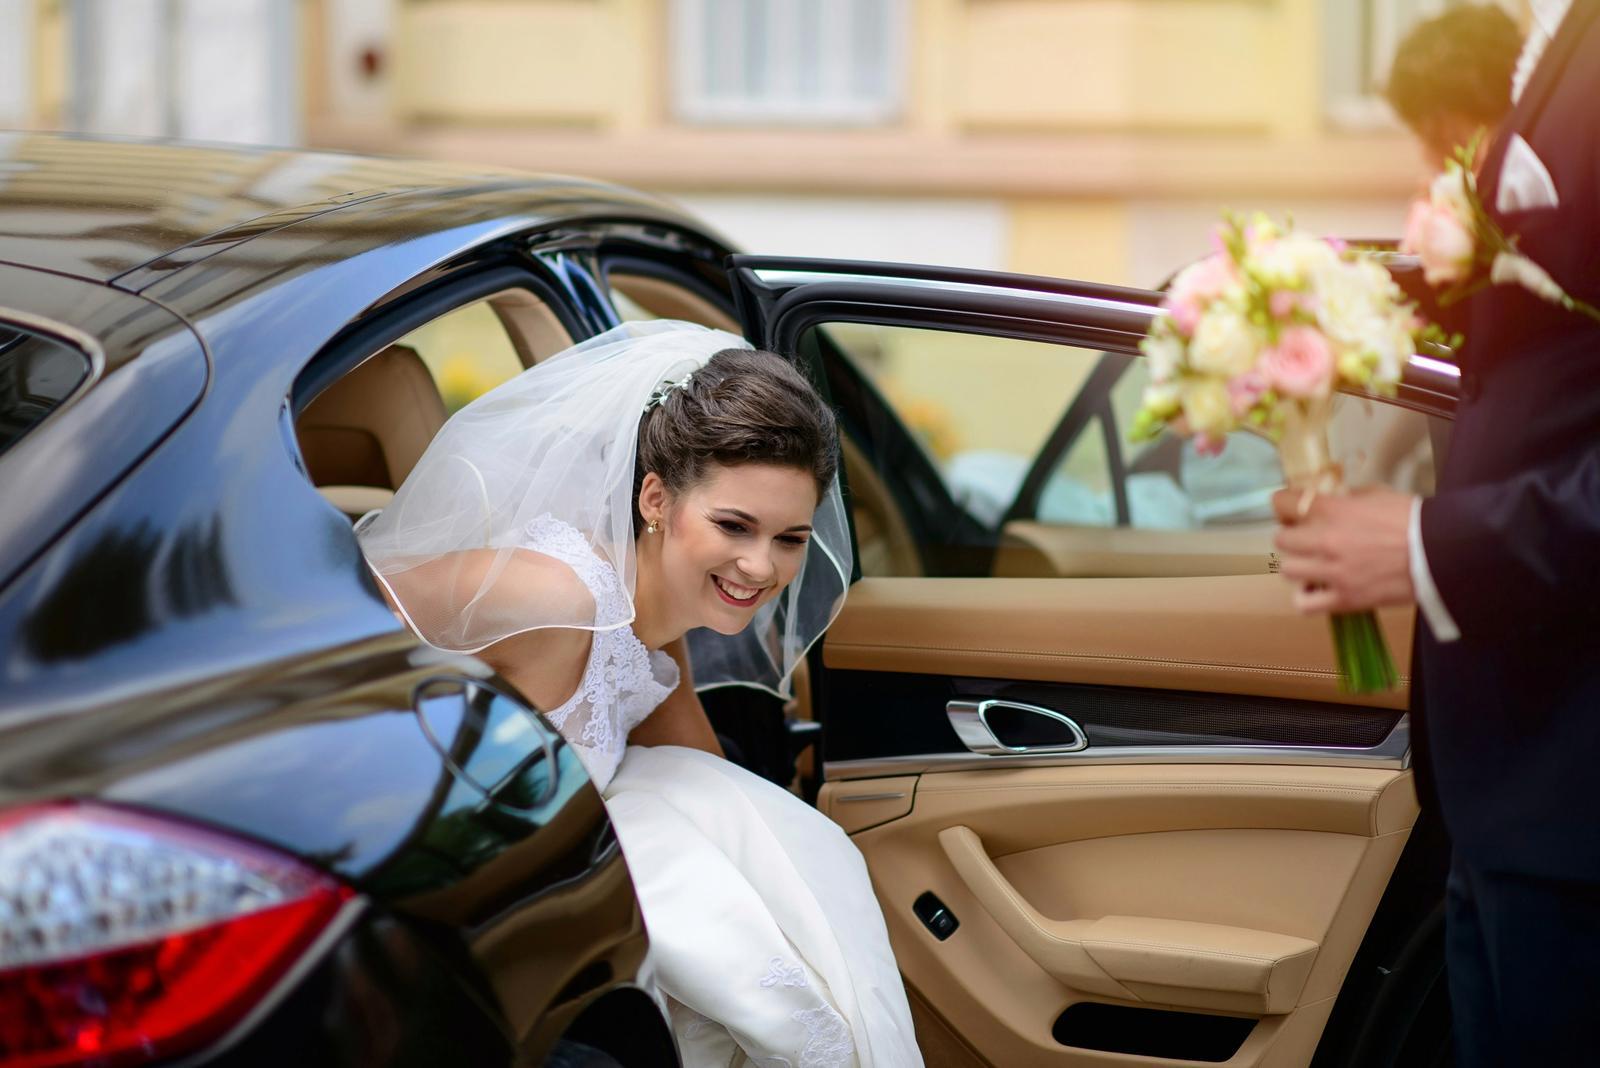 V{{_AND_}}M - Áno, bola to sranda dostať sa z auta v šatách s takou vlečkou :-)